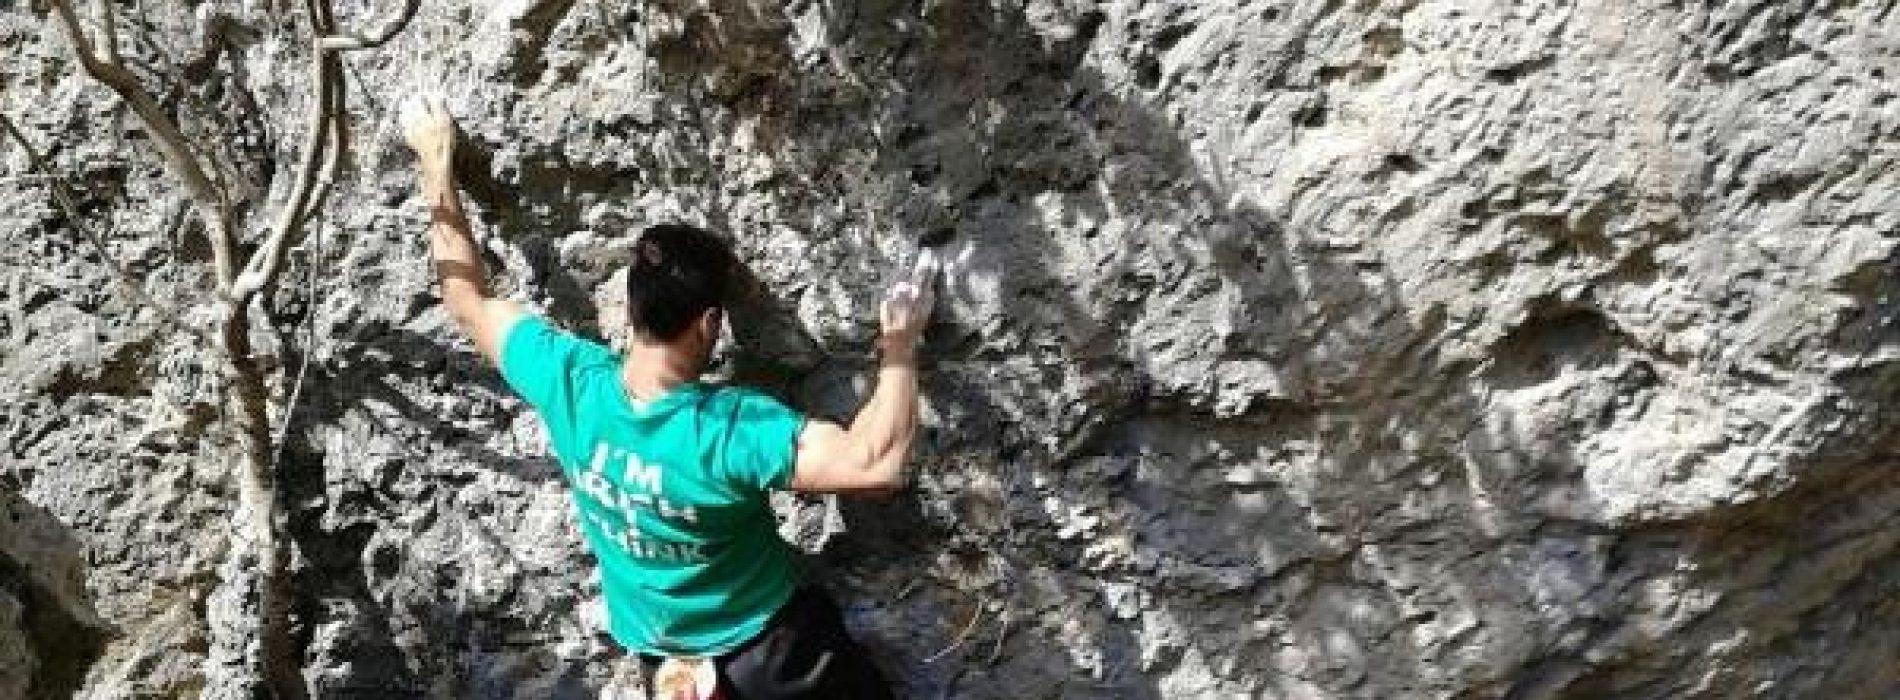 یاسوج: معرفی منطقه سنگنوردی، سی سخت «تنگ گنجه ای»